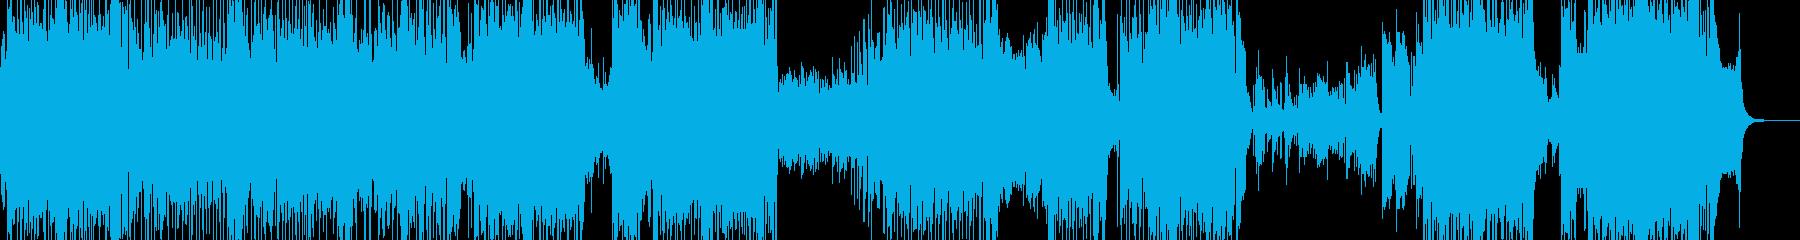 沖縄・南国を感じるテクノポップ ★の再生済みの波形